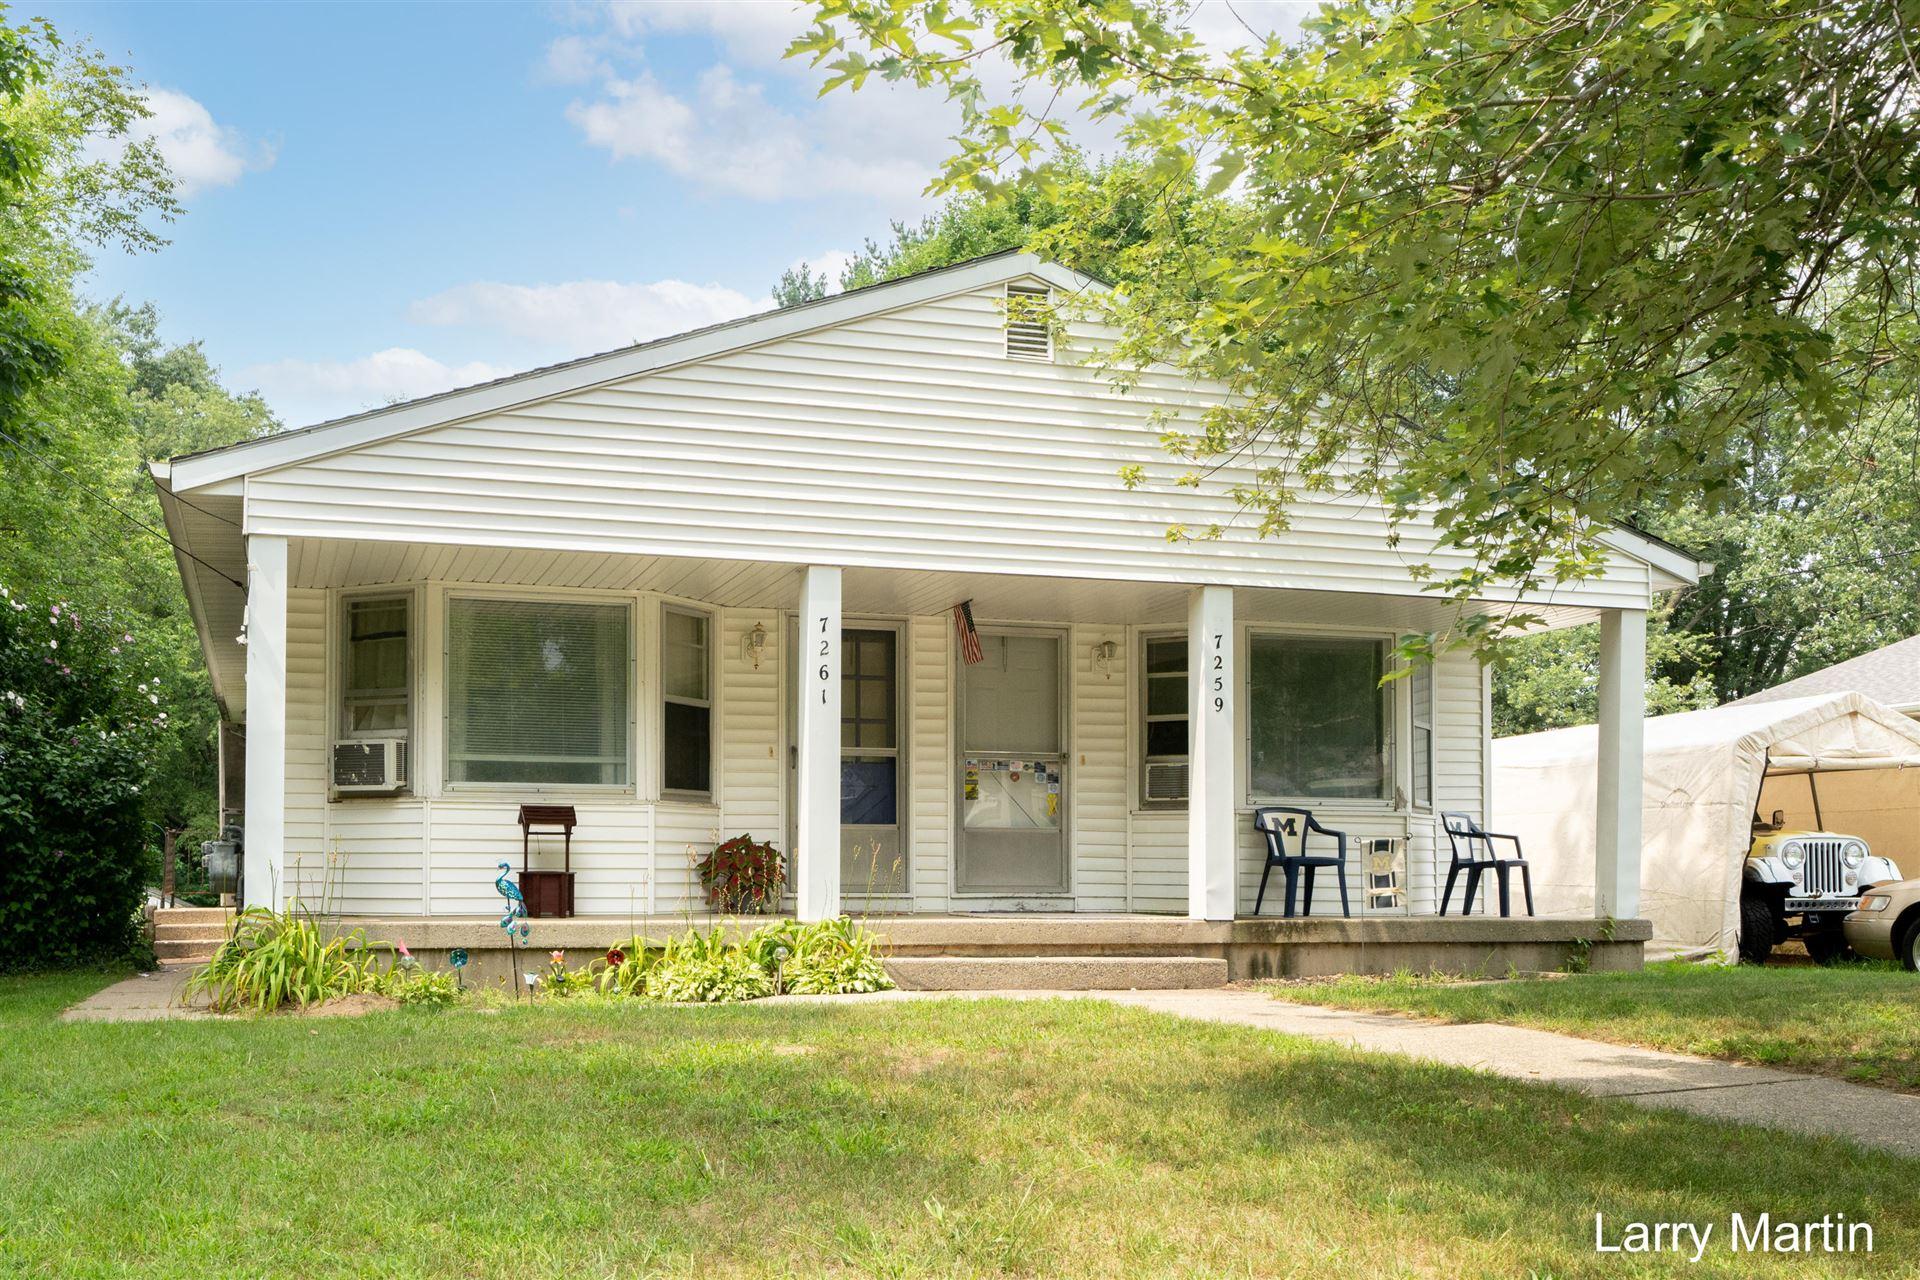 7259 Periwinkle Avenue SE #7261, Grand Rapids, MI 49508 - MLS#: 21099848